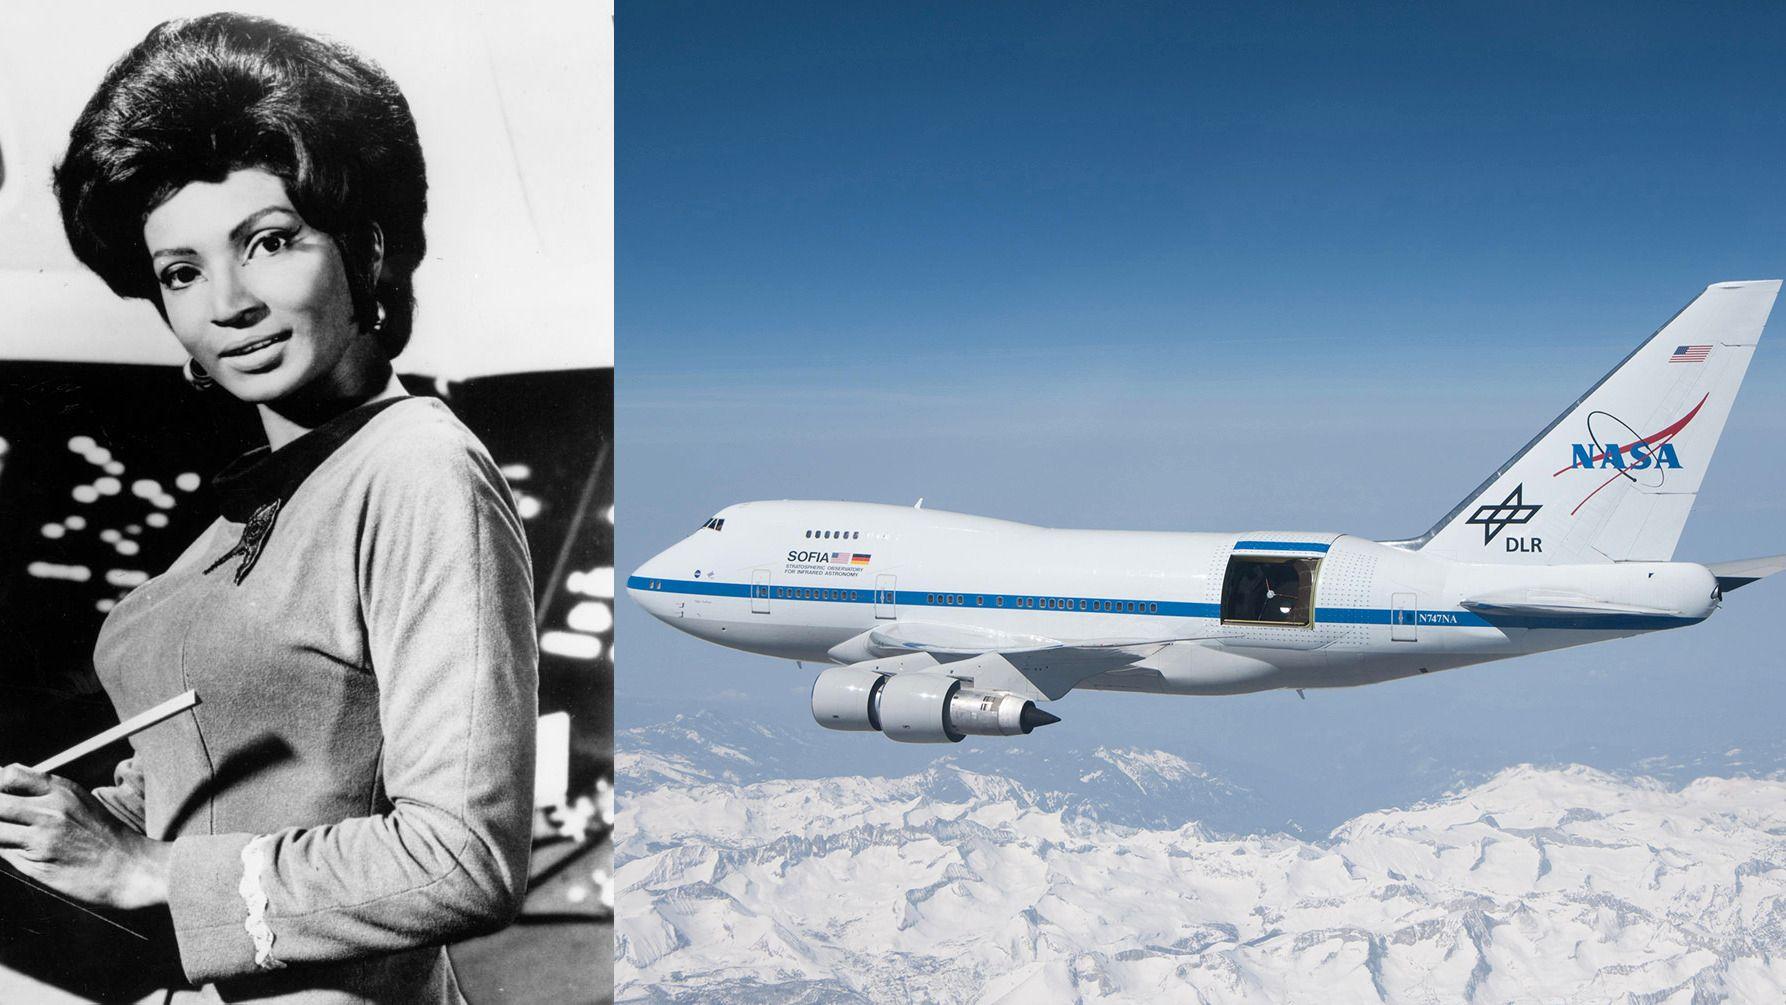 «Uhura» blir med på NASA-oppdrag